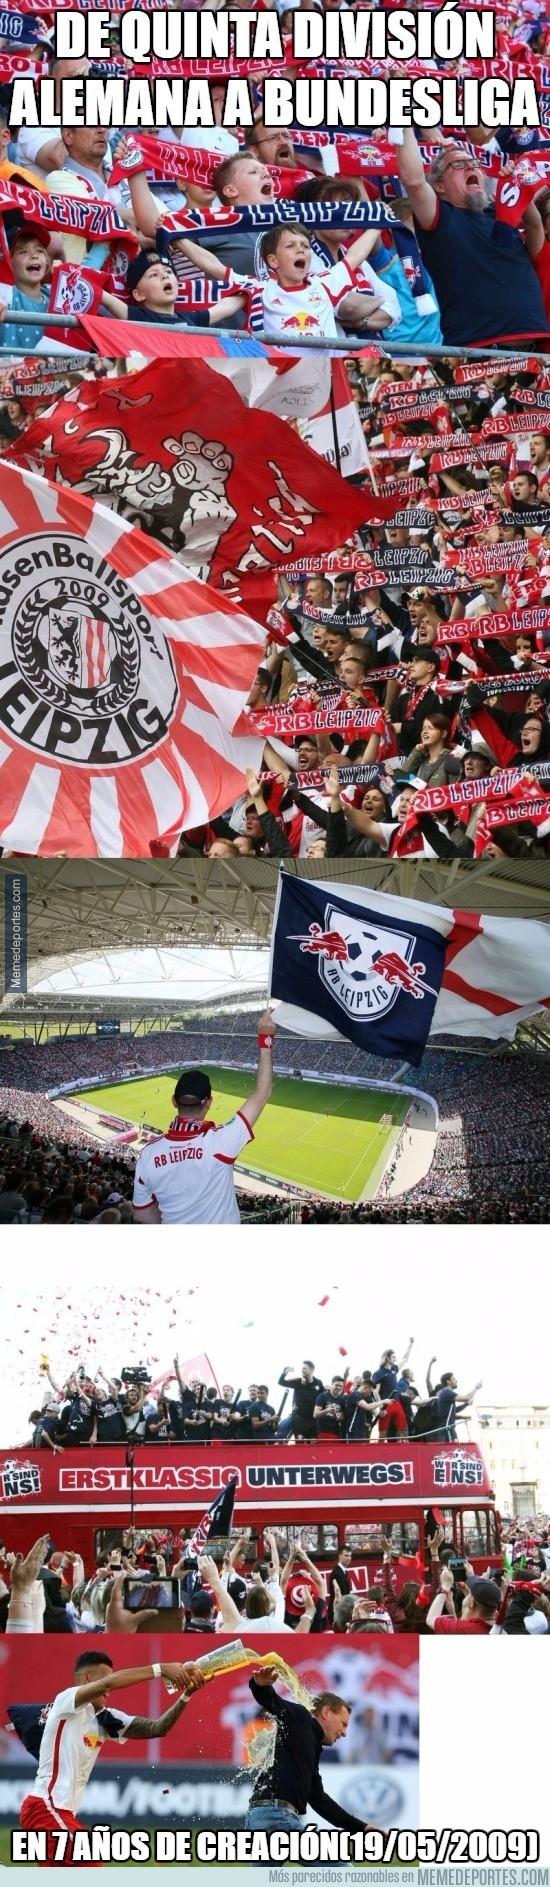 854425 - Demostrando que la historia no lo es todo, ascenso meteórico del RB Leipzig